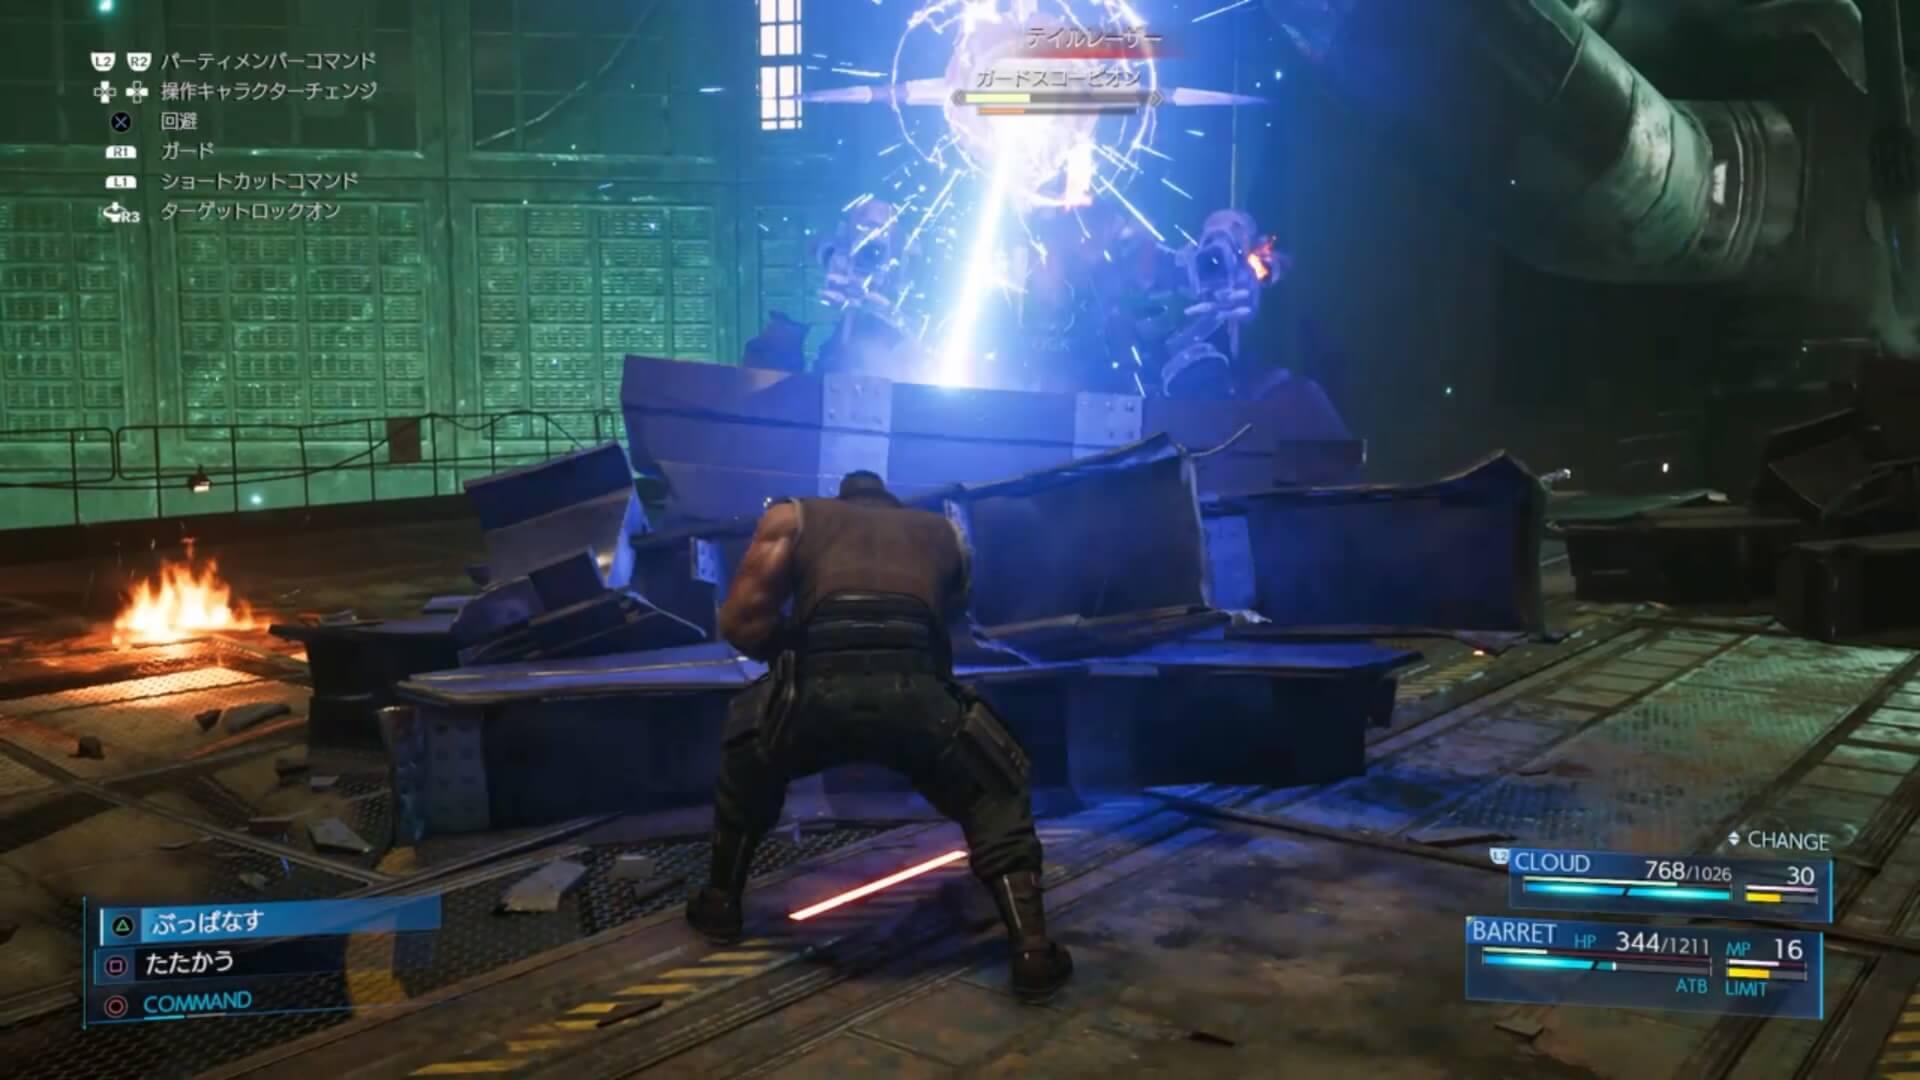 FF7リメイク:ガードスコーピオンが強くて倒せない!難しい!と感じた時に意識してほしいポイント